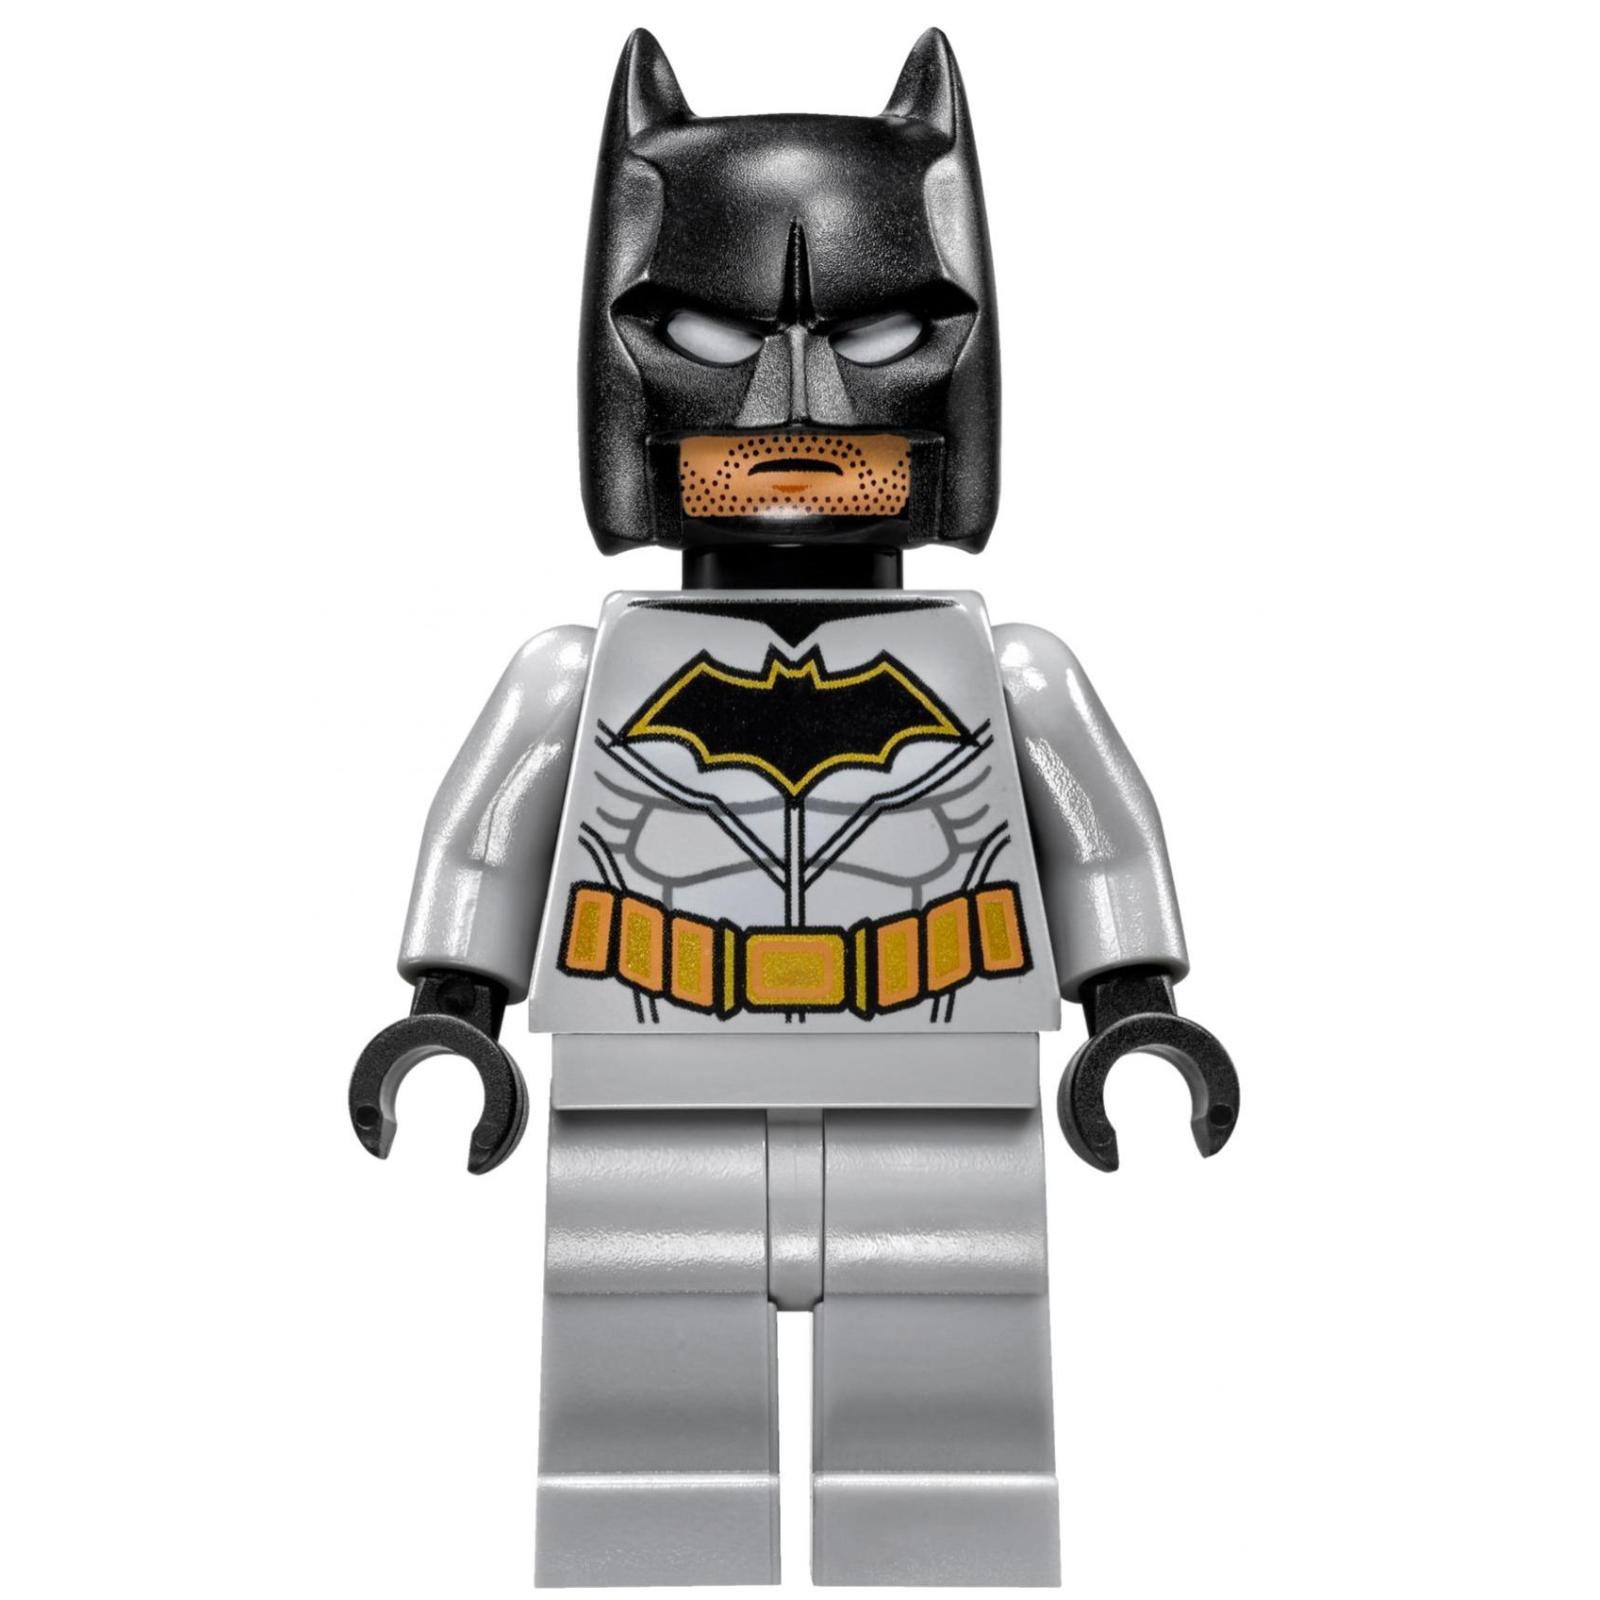 Конструктор LEGO Super Heroes Робоштурм Лекс Лютор (76097) изображение 11